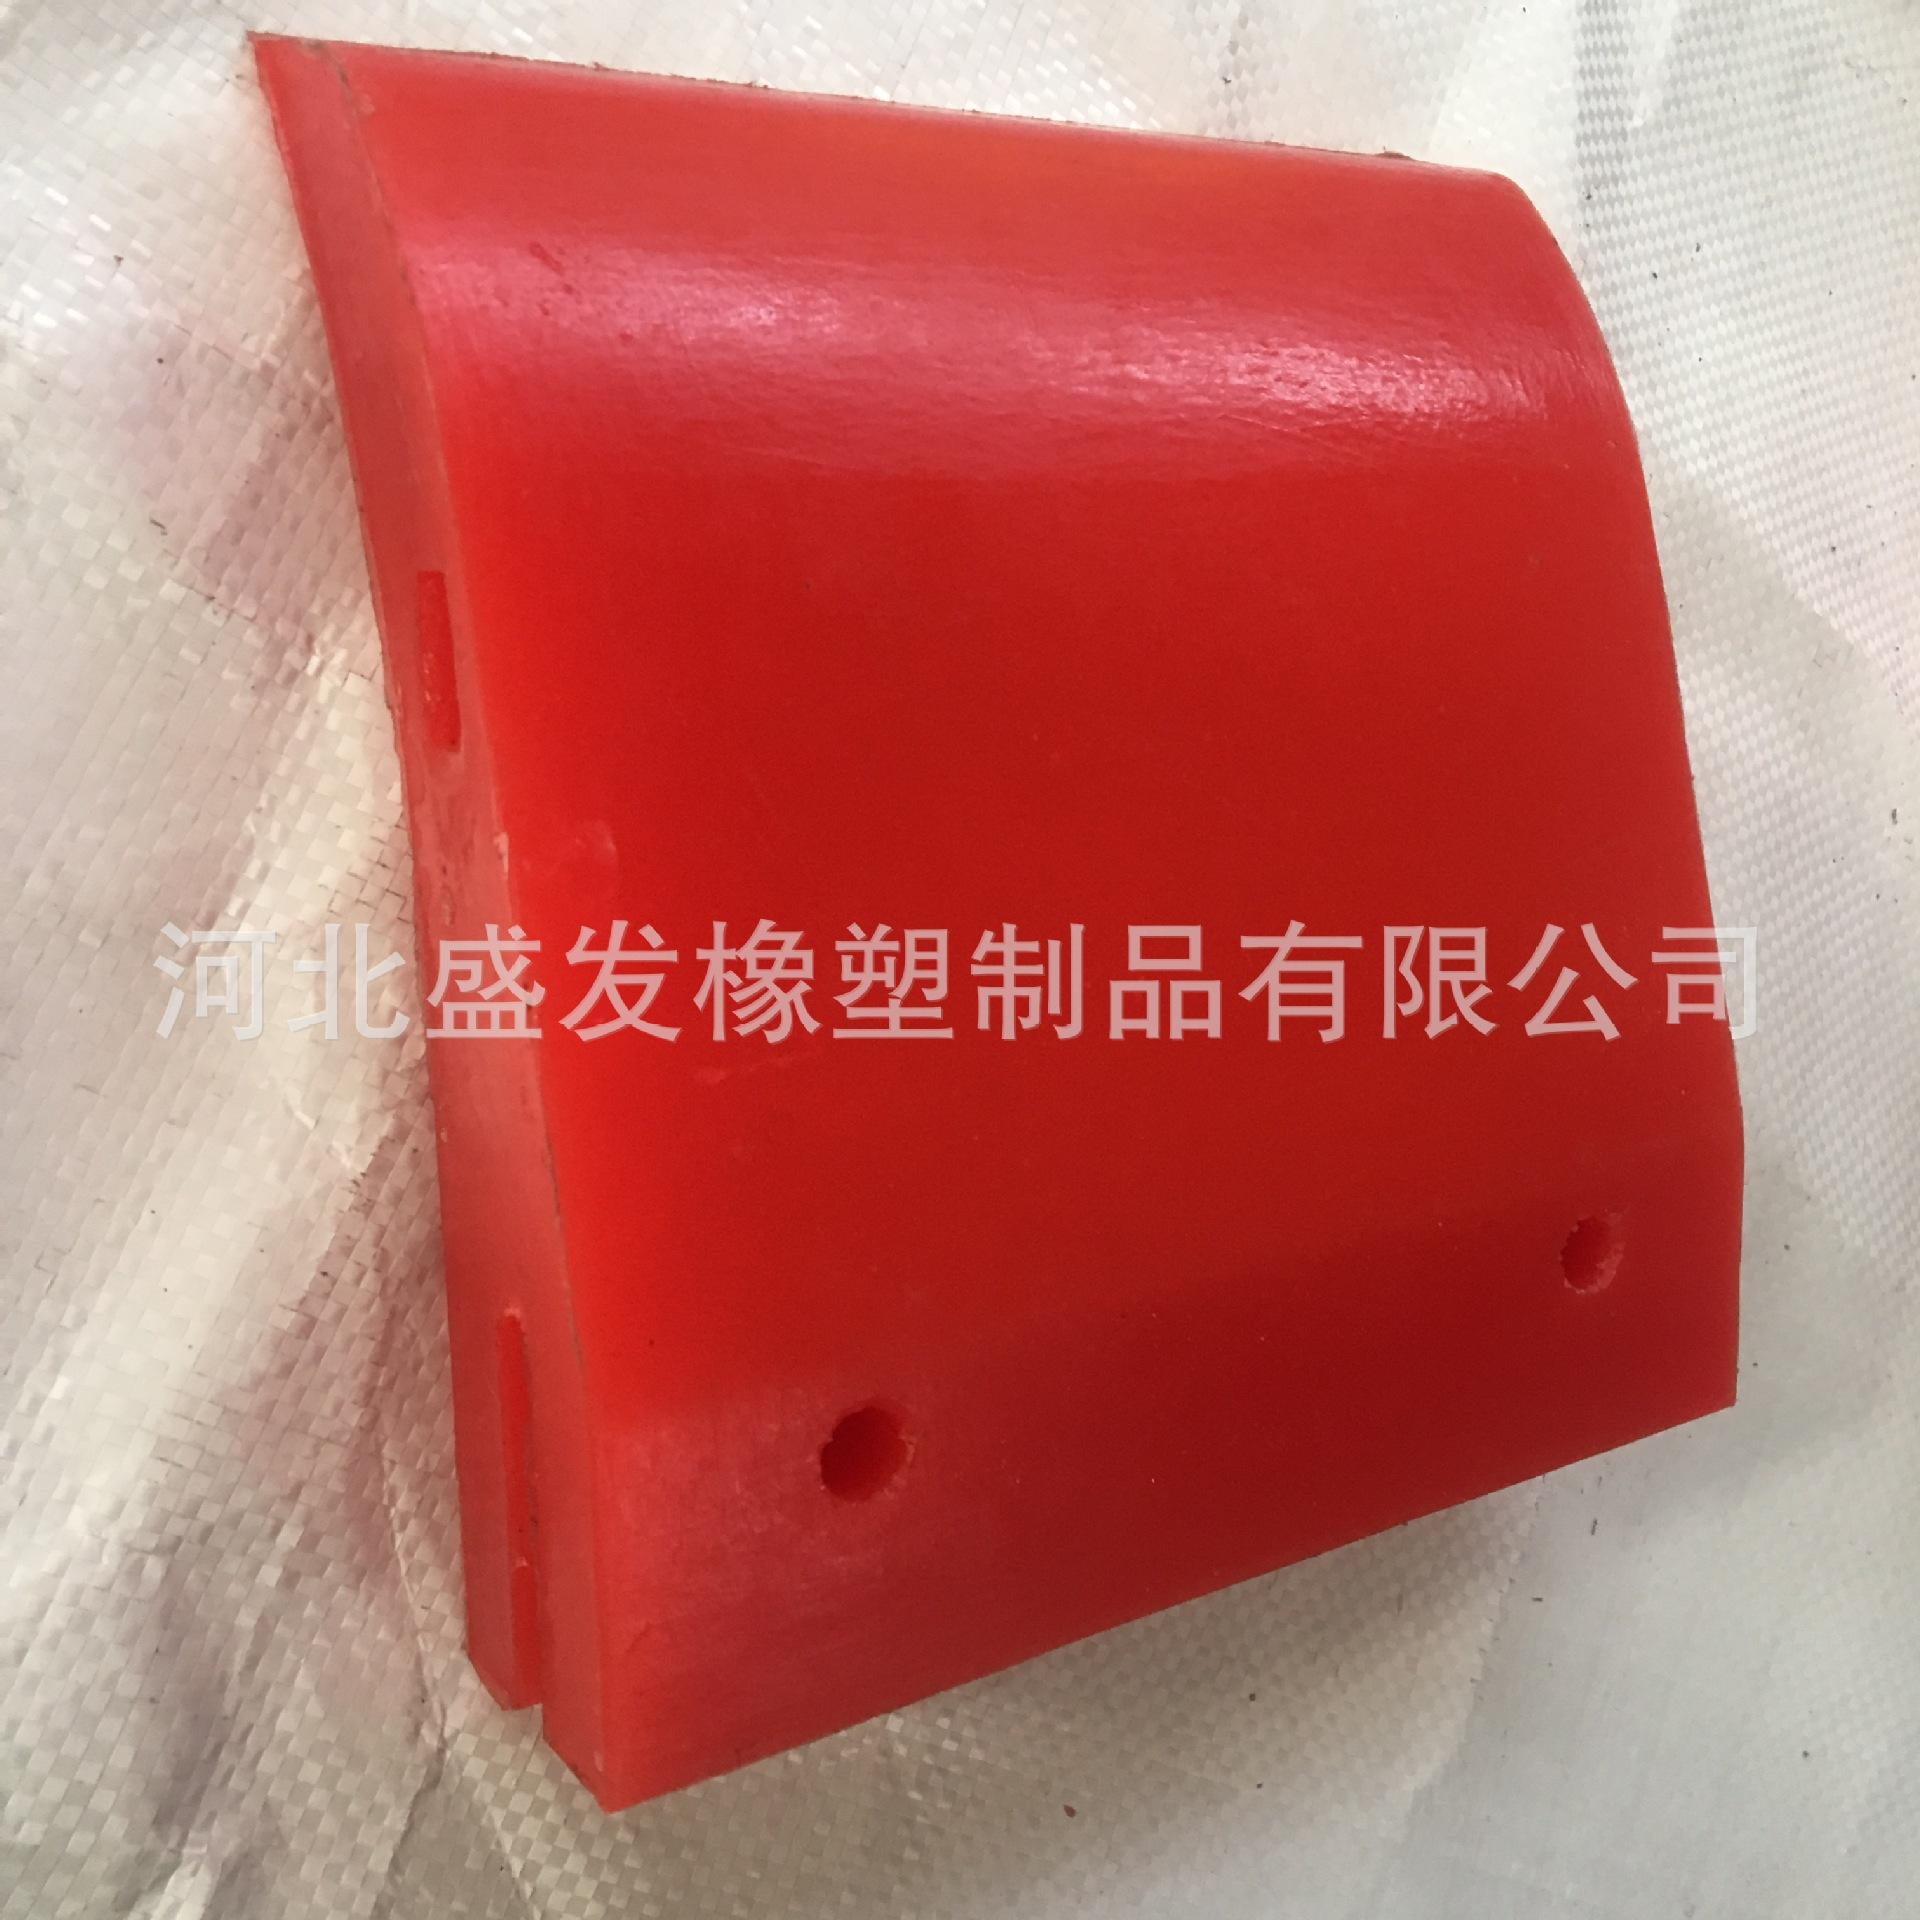 【盛发】厂家直销聚氨酯刮刀刮板 H型分体清扫器 聚氨酯制品来图定制